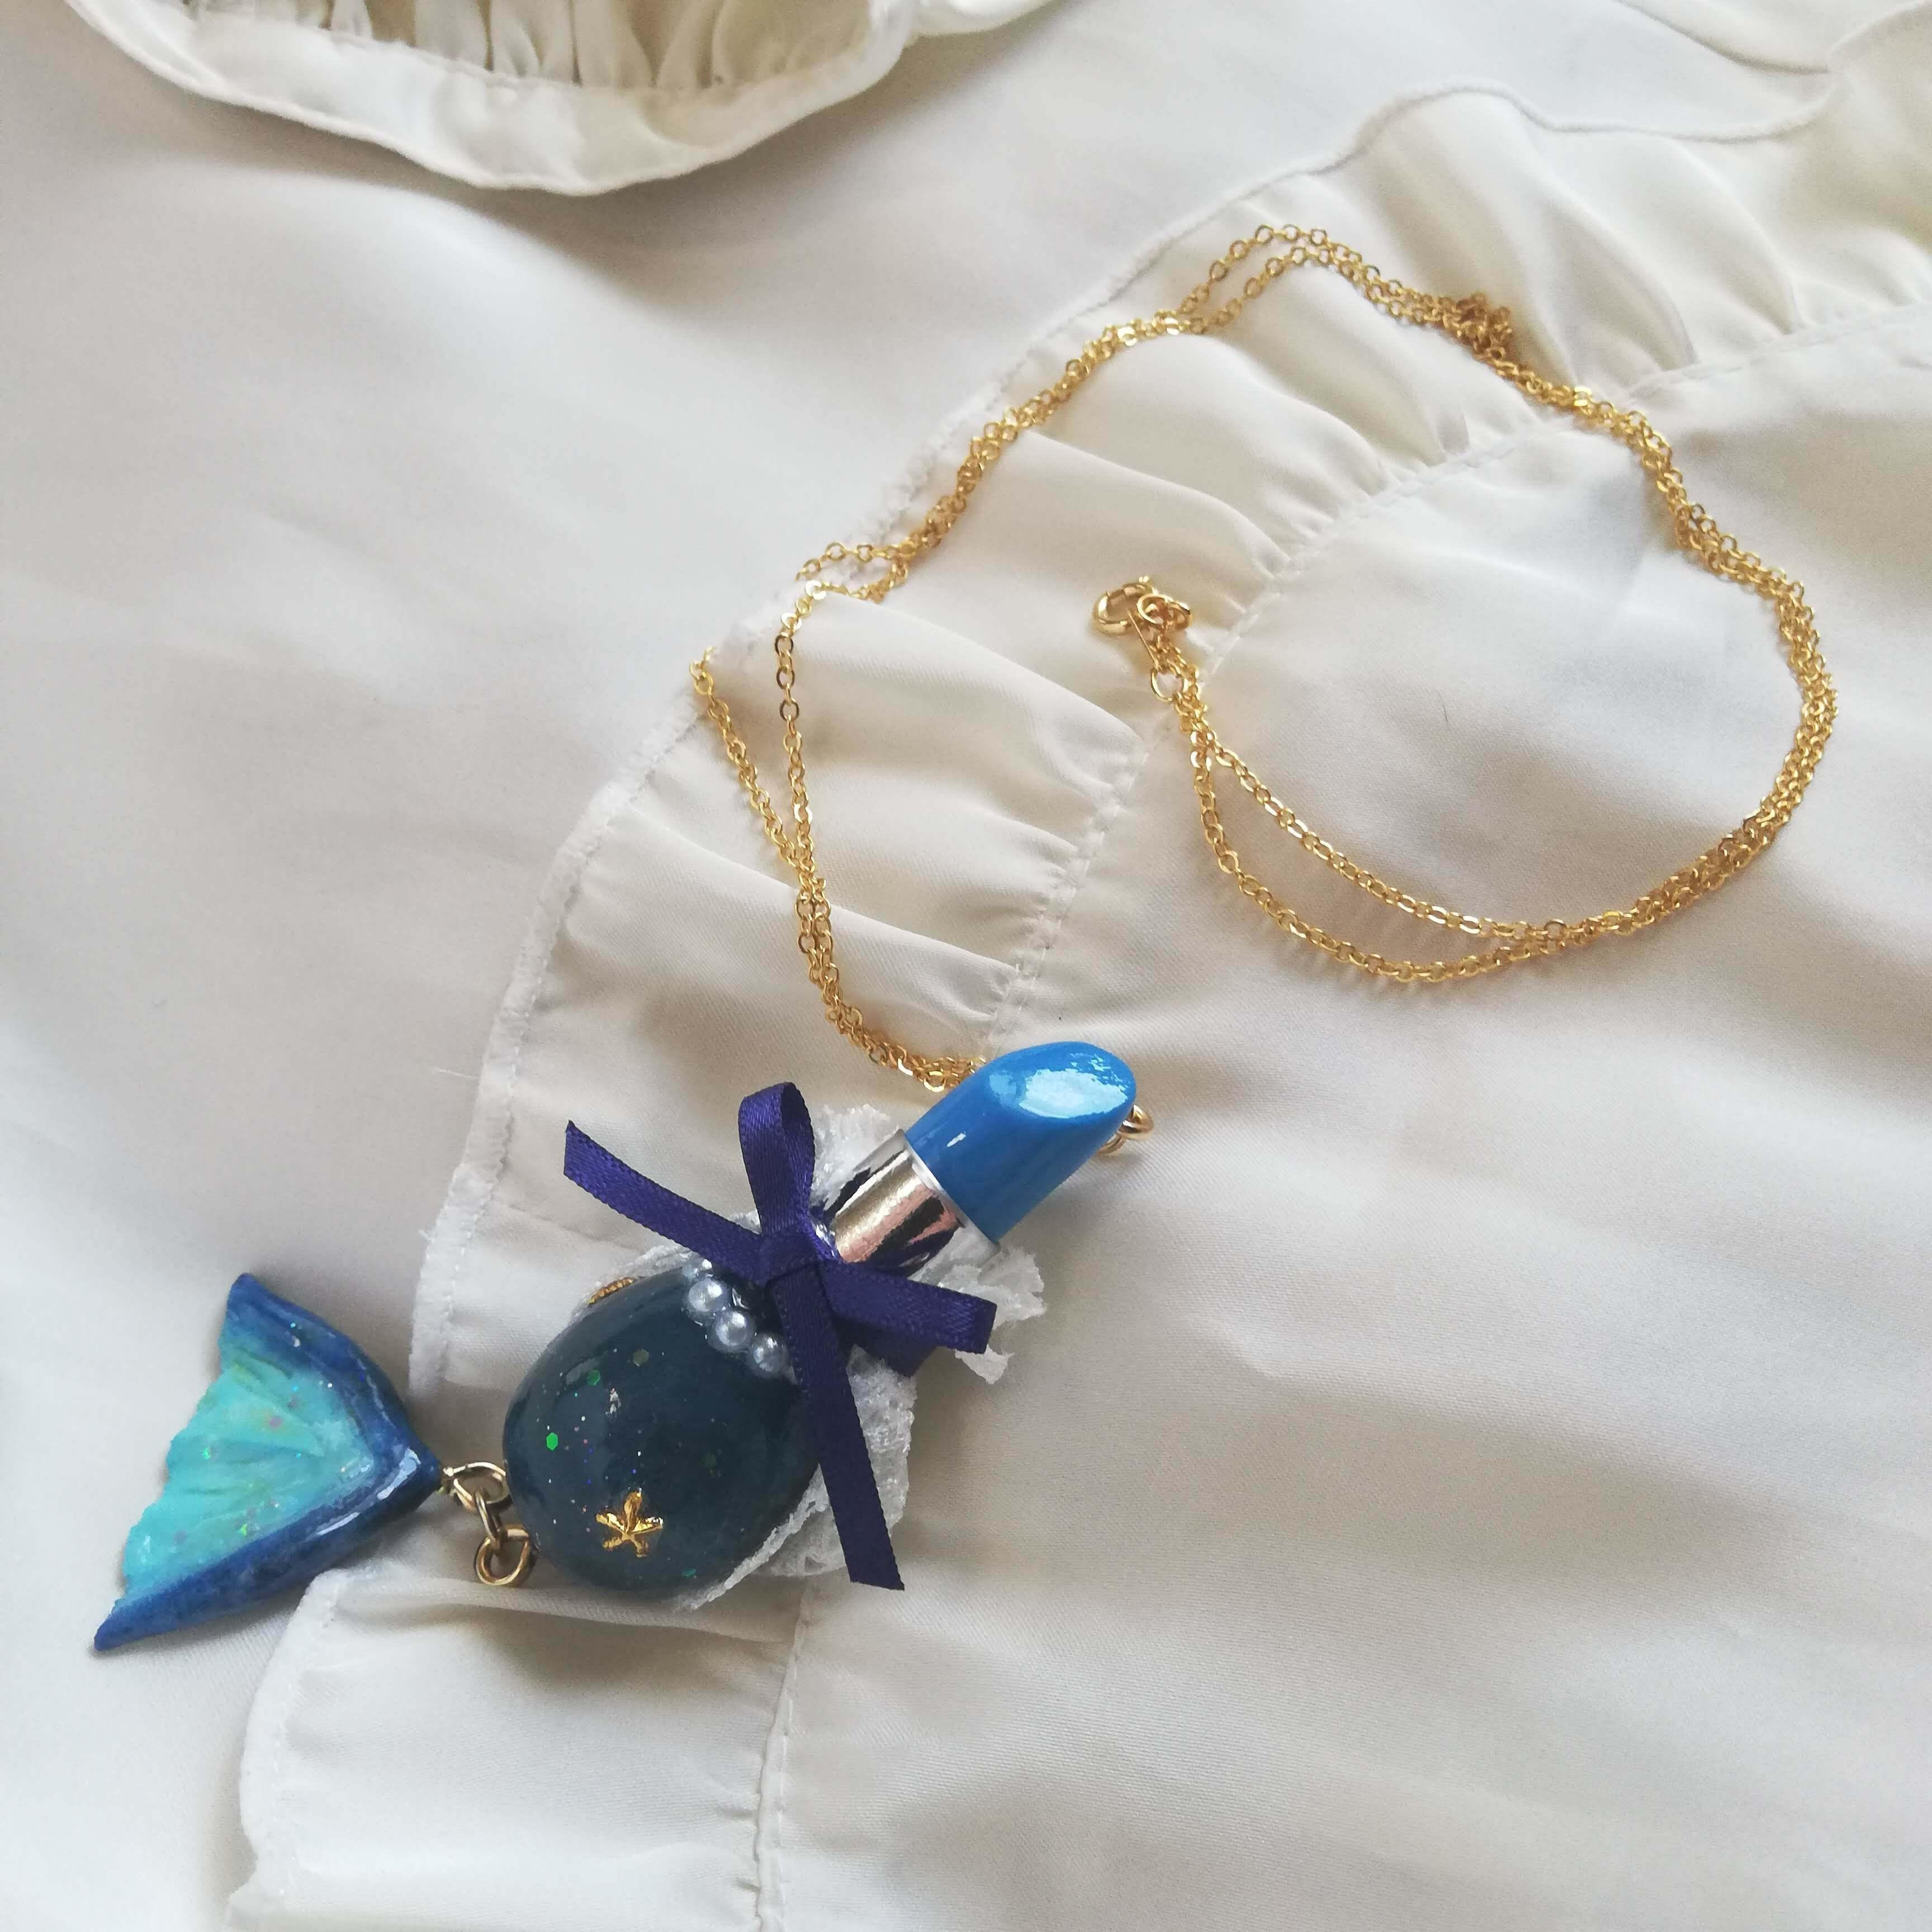 童話リップ〜赤ずきん〜バッグチャーム/ネックレス